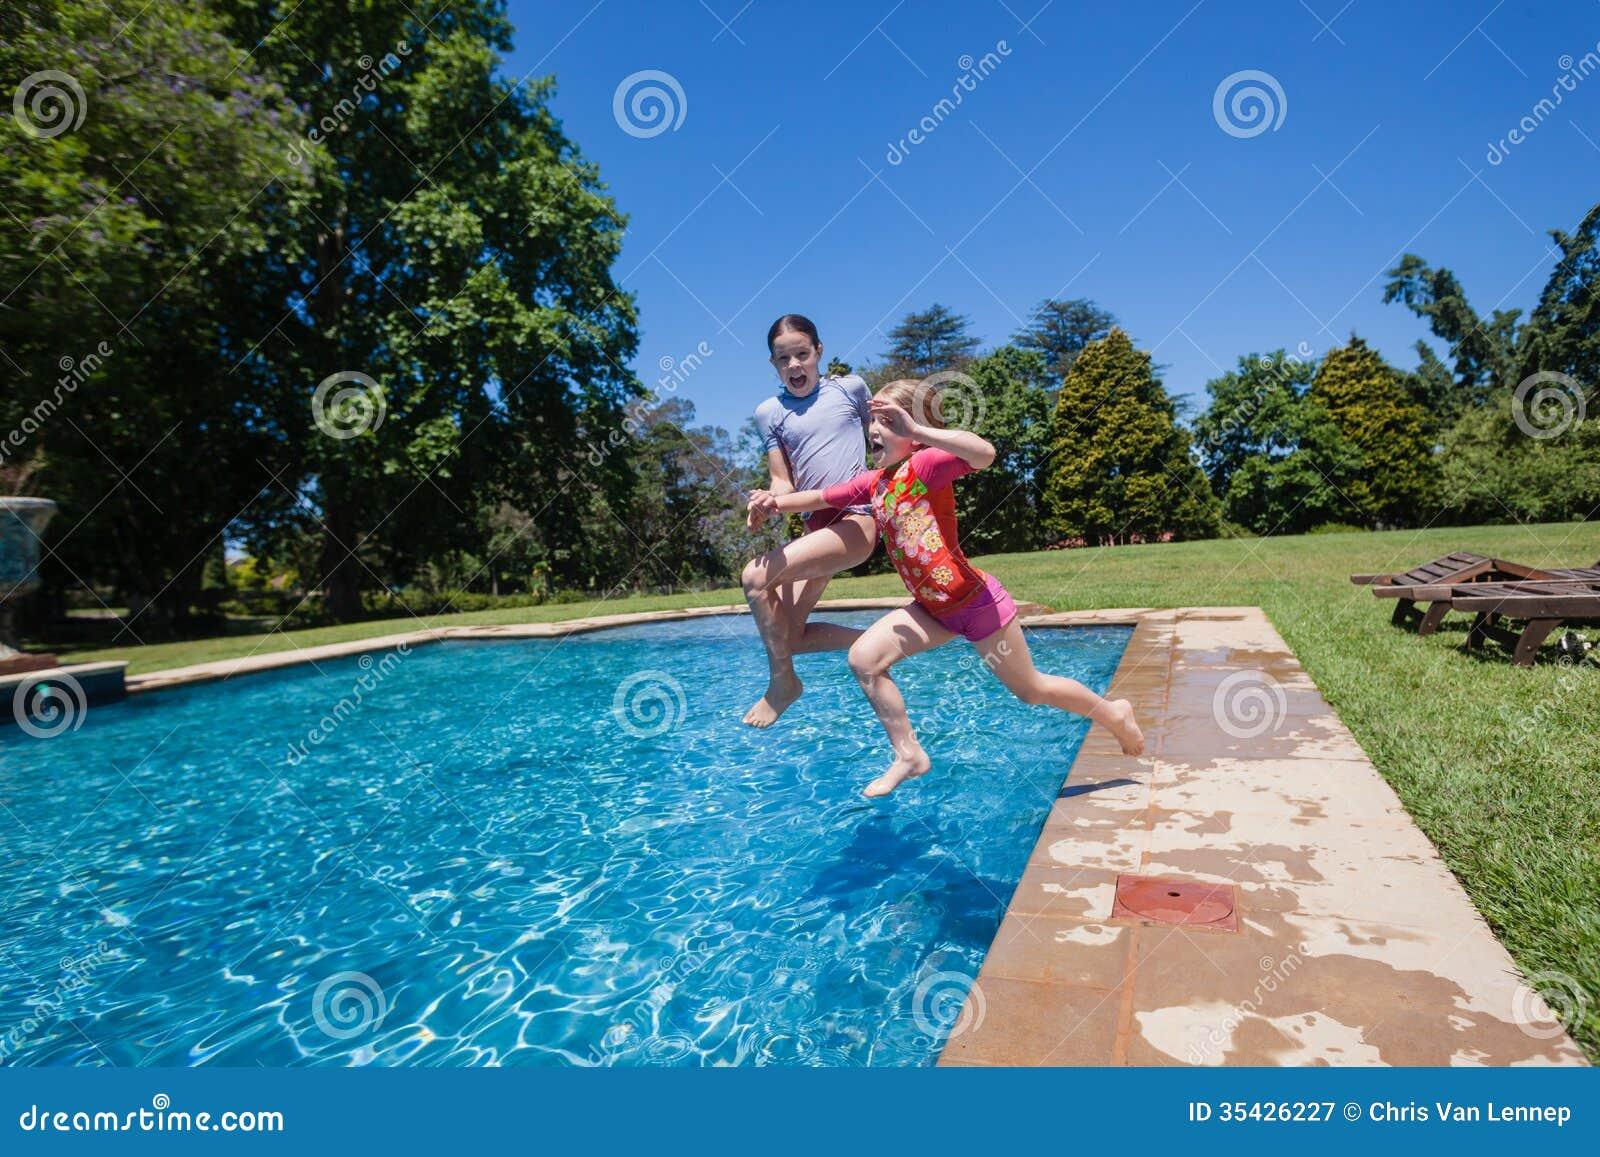 Girls Jumping Swimming Pool Stock Image Image 35426227